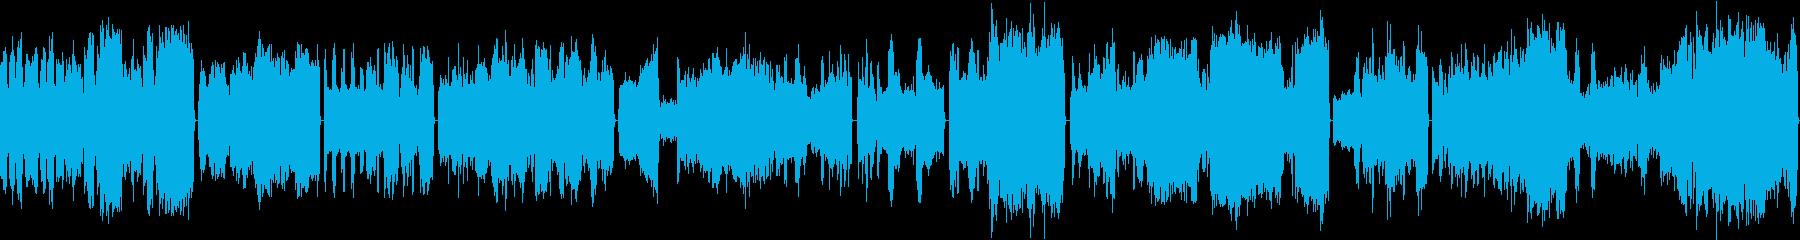 ブラームスのカバーの再生済みの波形